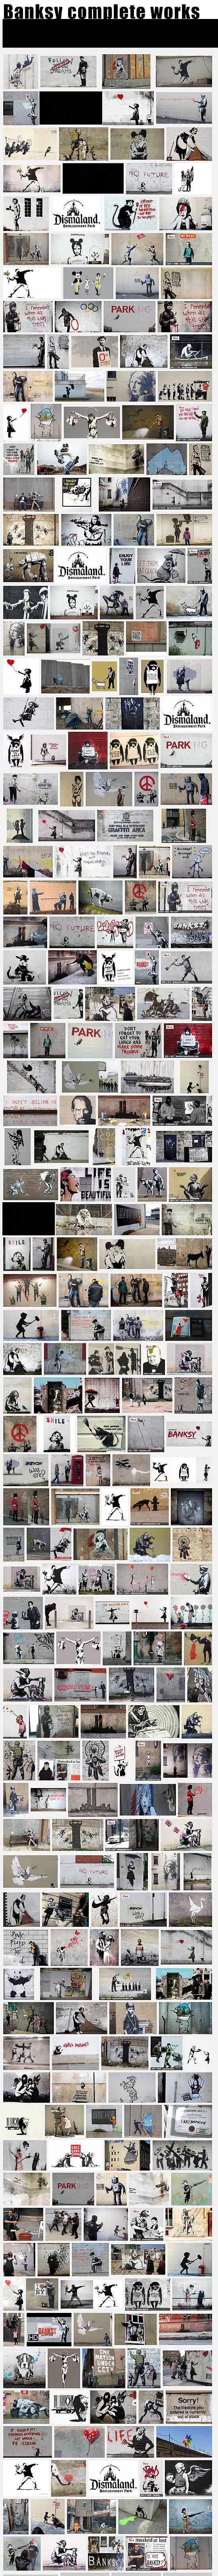 Toda la obra del artista urbano Banksy-Autogiro arte actual